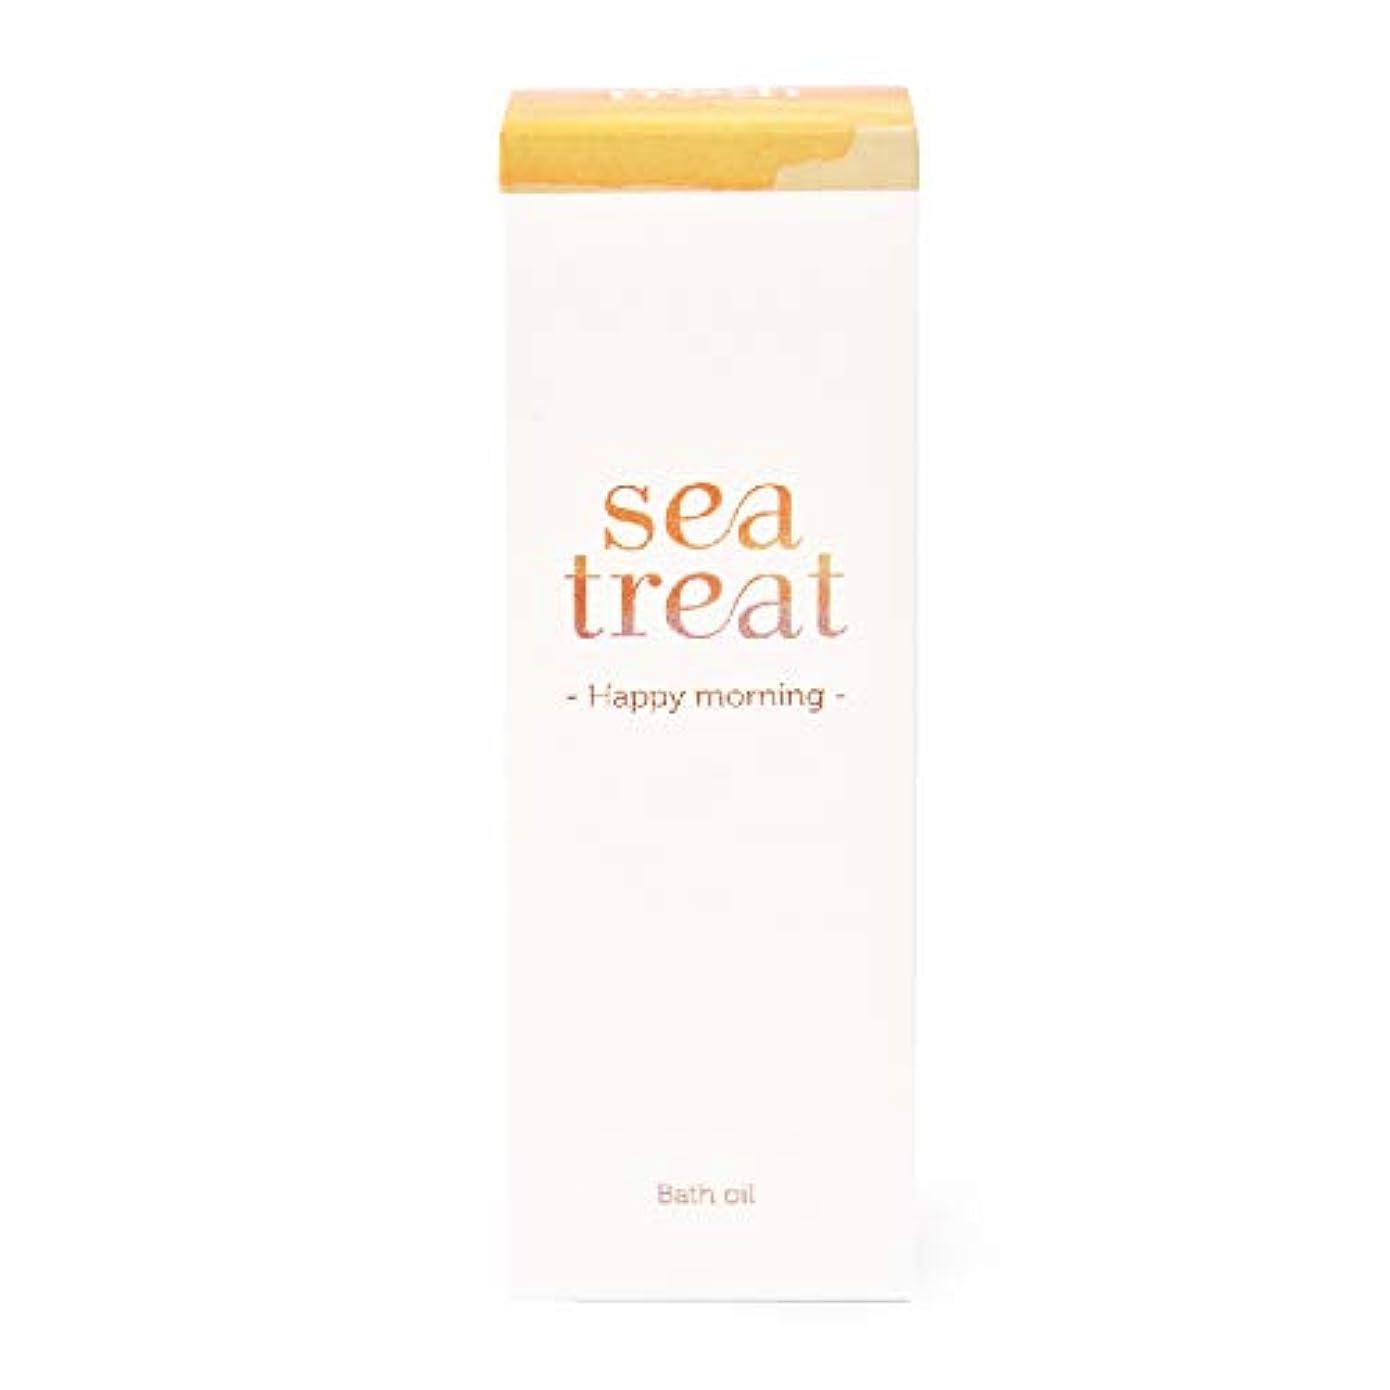 器用平等セッションsea trreat バスオイル 入浴剤 -Happy morning- オレンジ?ラベンダー?ライムの香り